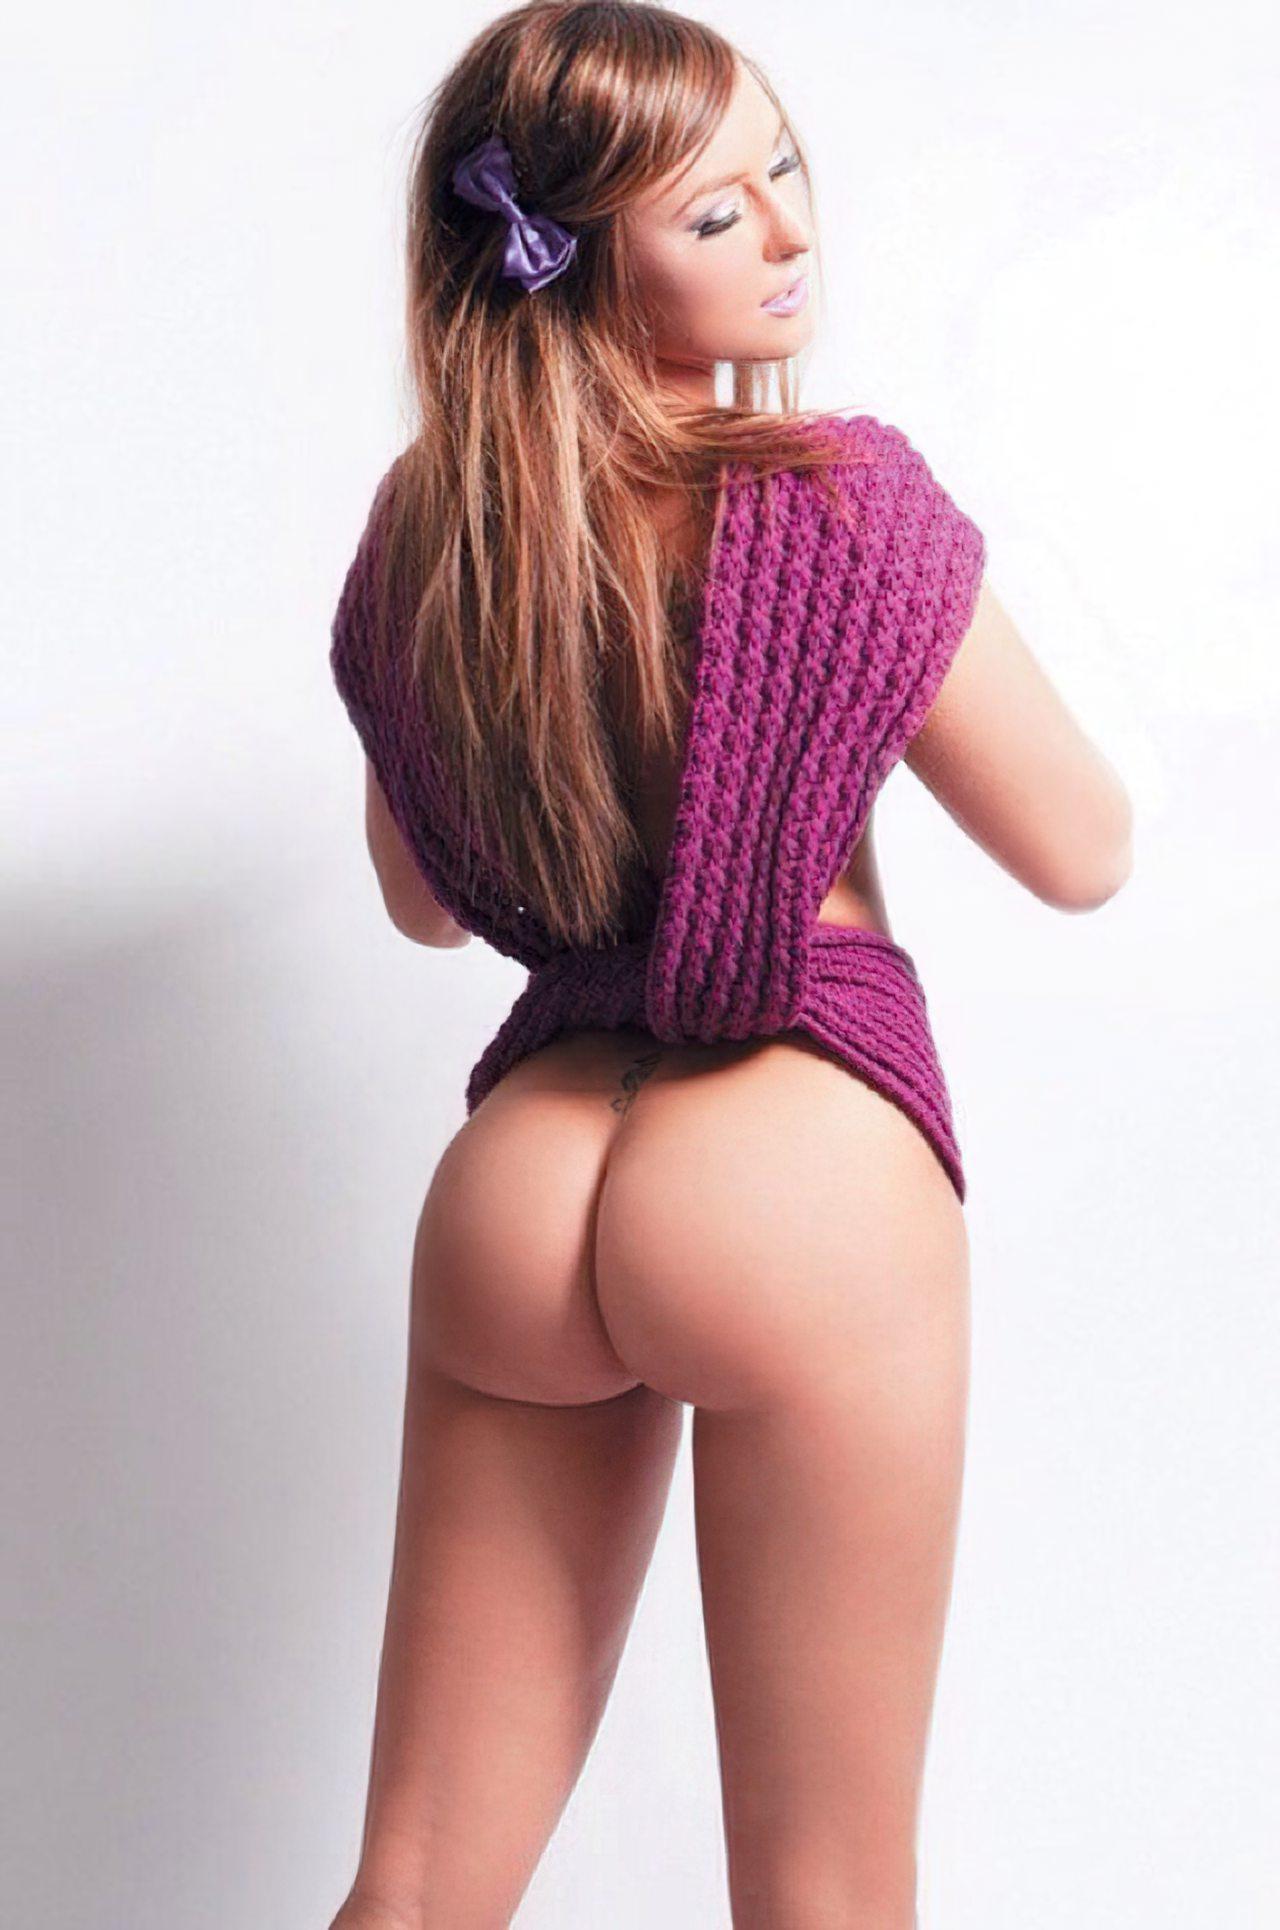 Mulheres Bonitas (49)